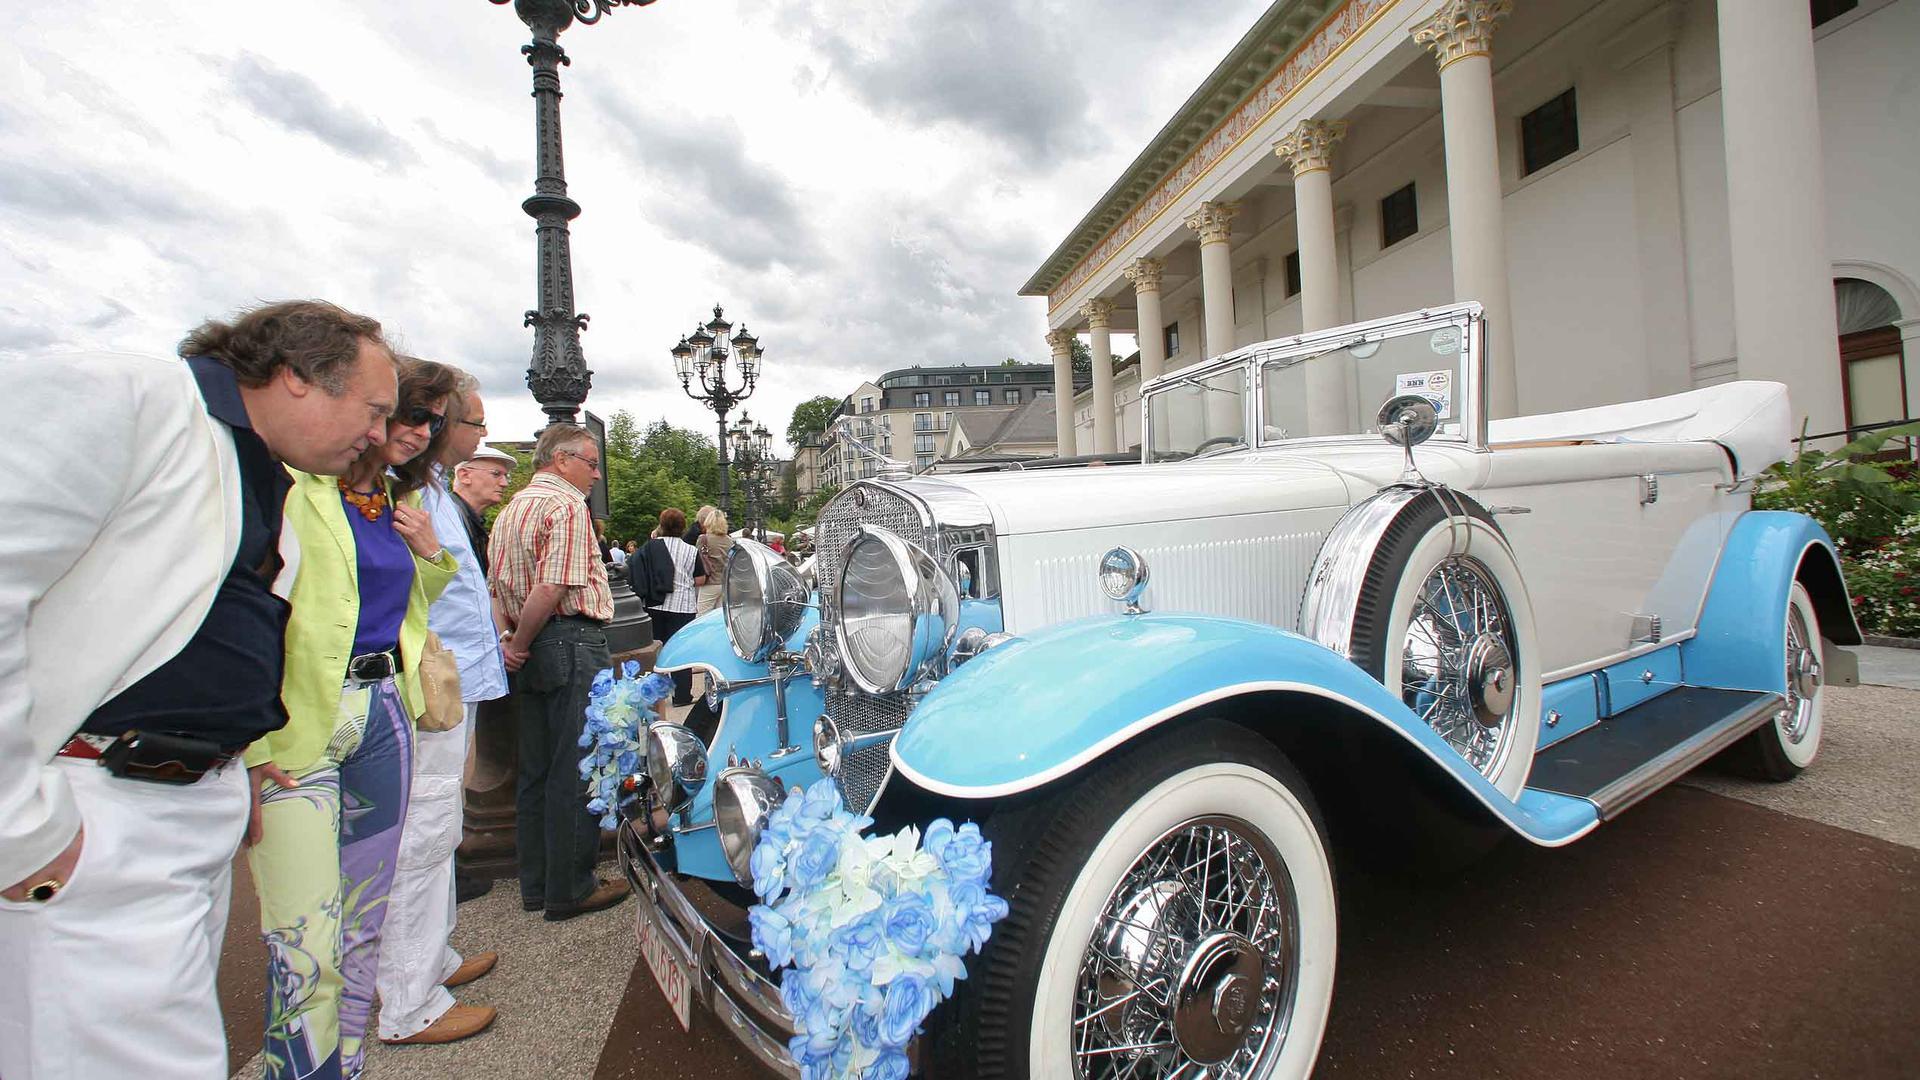 Besucher des Oldtimer-Meetings Baden-Baden bewundern vor dem Kurhaus einen Automobil-Klassiker.